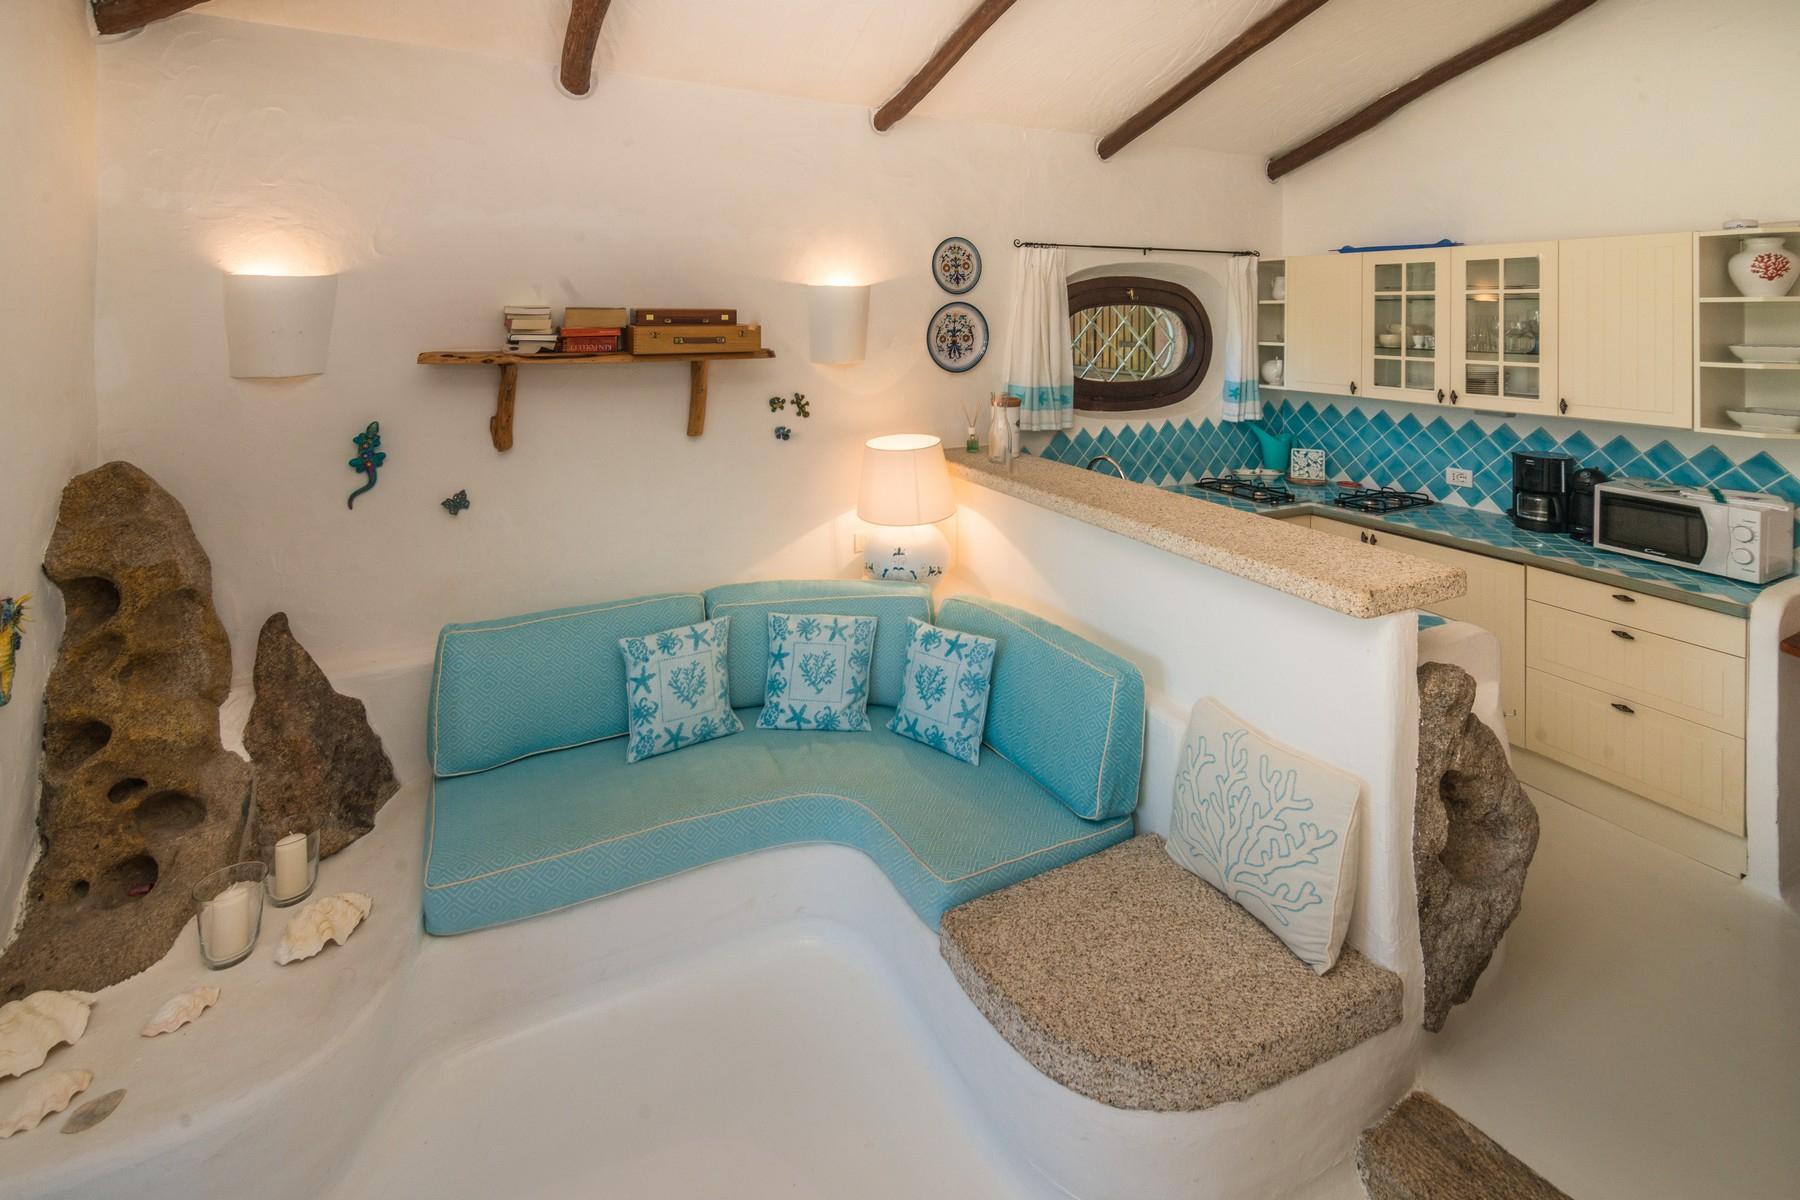 Casa indipendente in Vendita a Arzachena: 4 locali, 60 mq - Foto 8